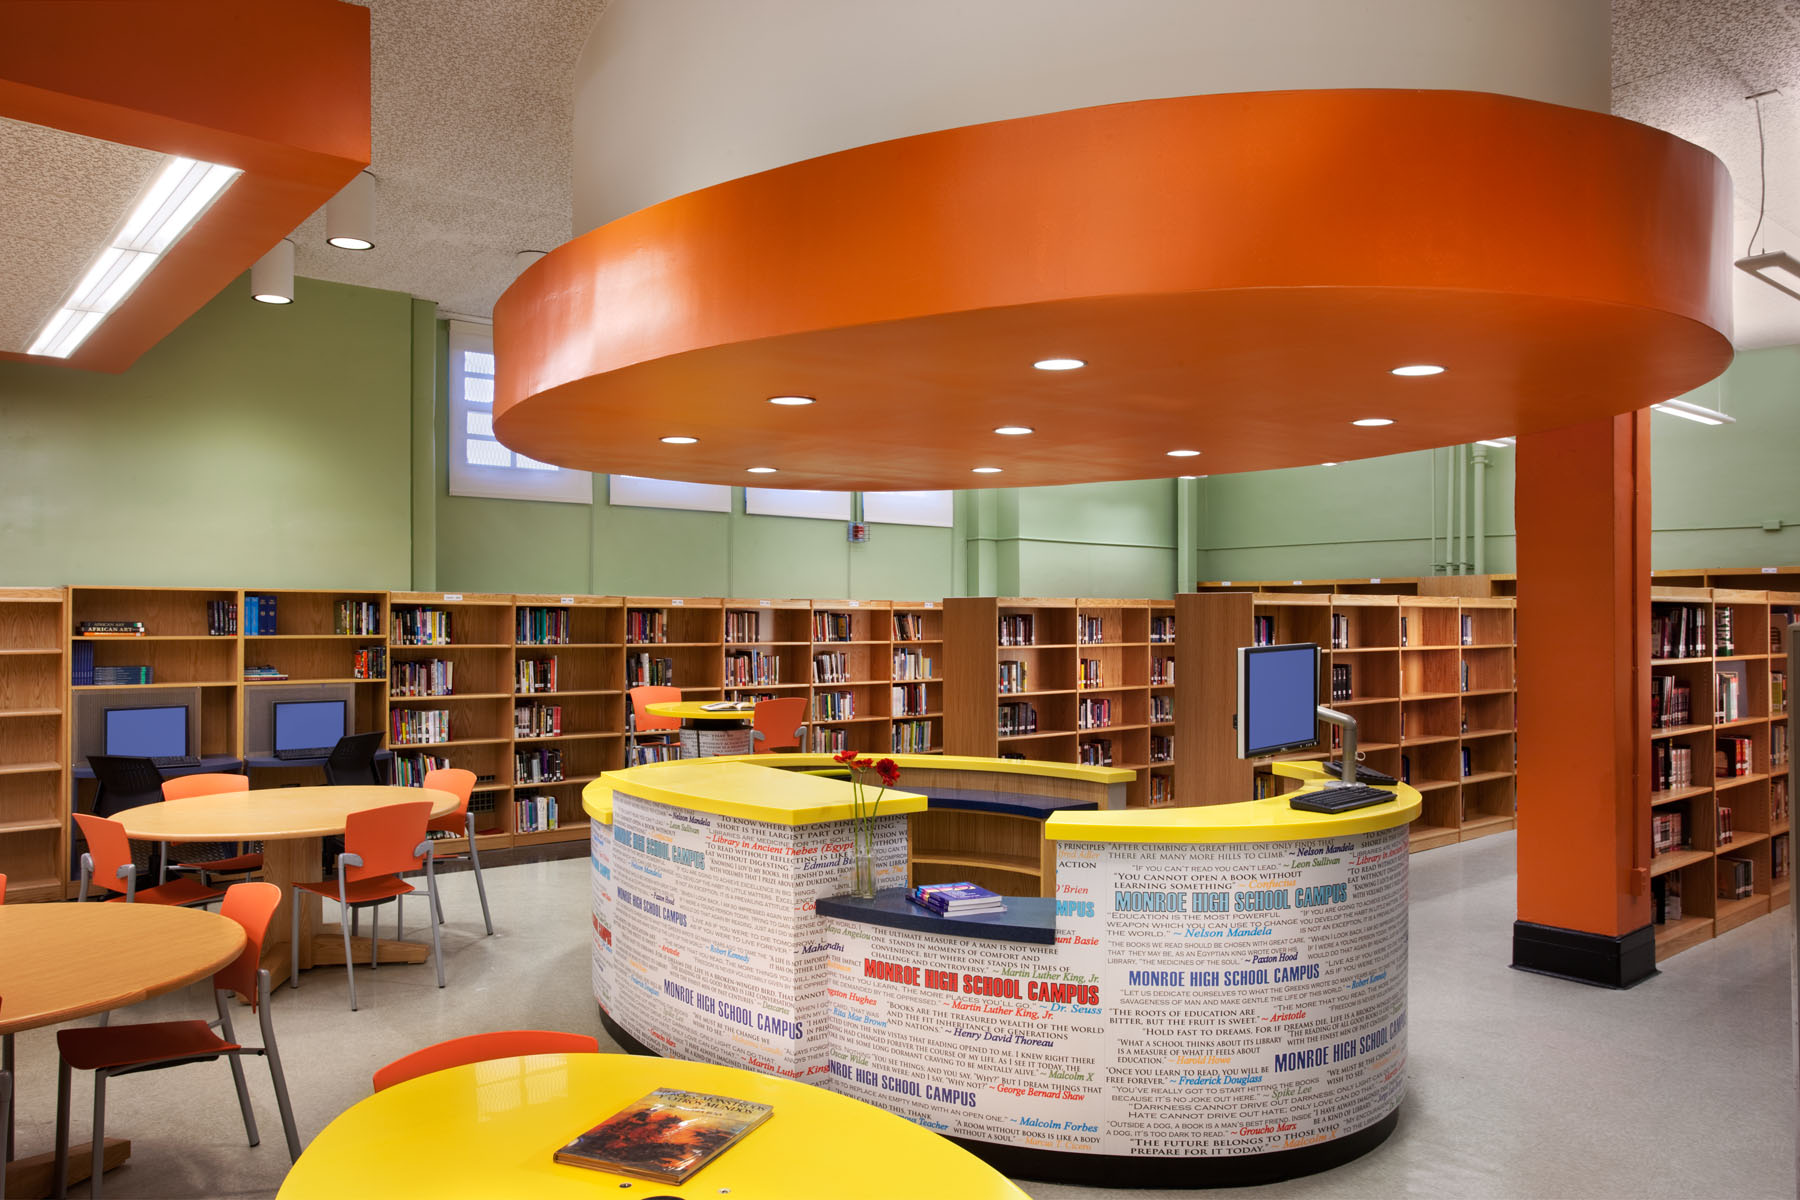 NYC SCA New Visions for Public Schools Architect Magazine di